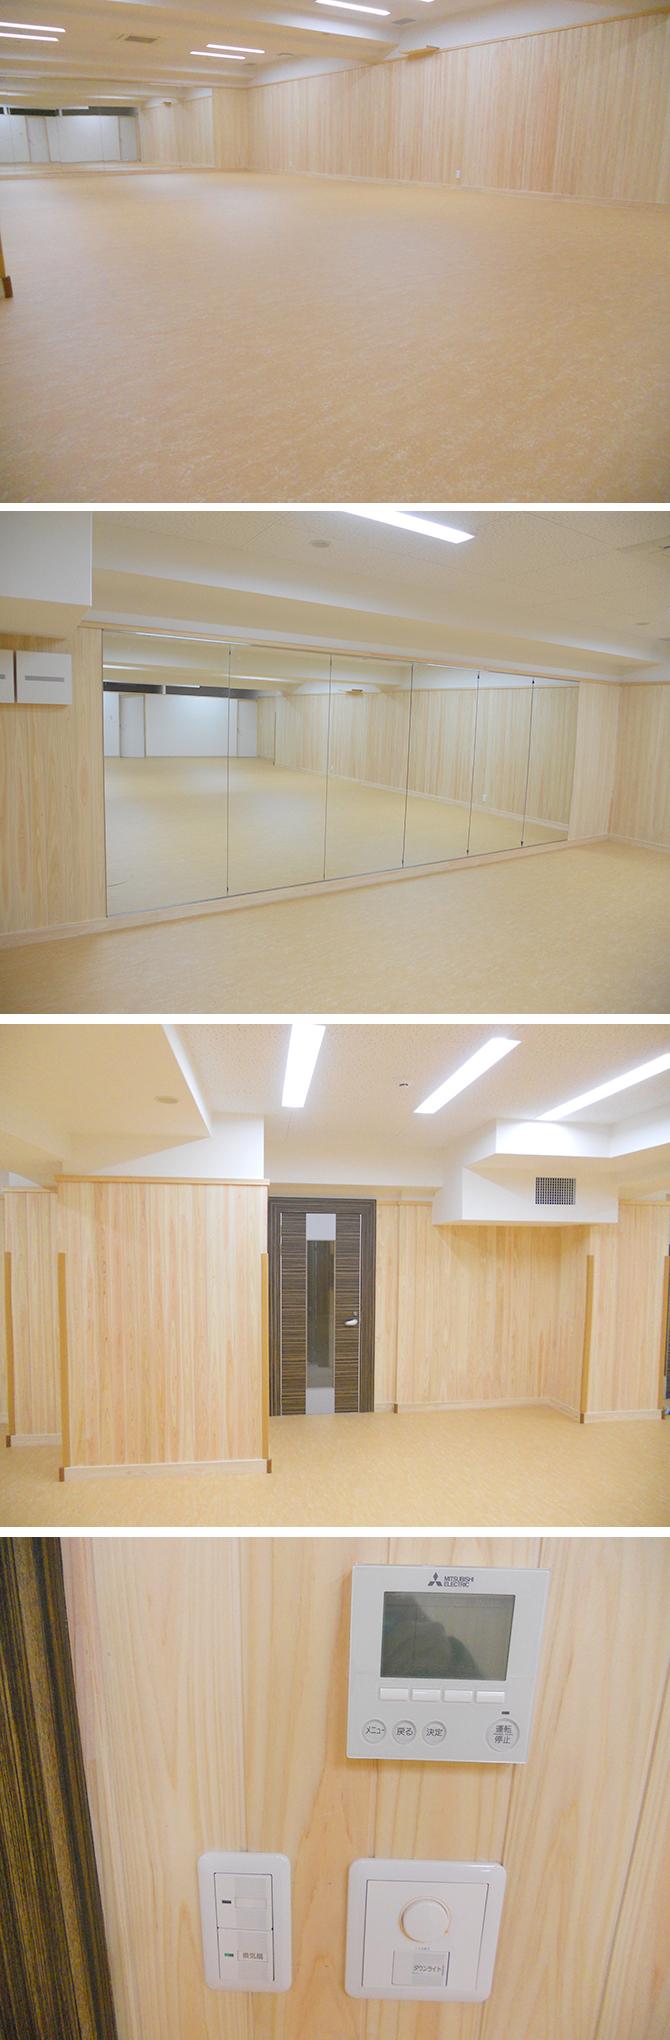 レンタルスタジオ御所南 AISHINKAN画像1